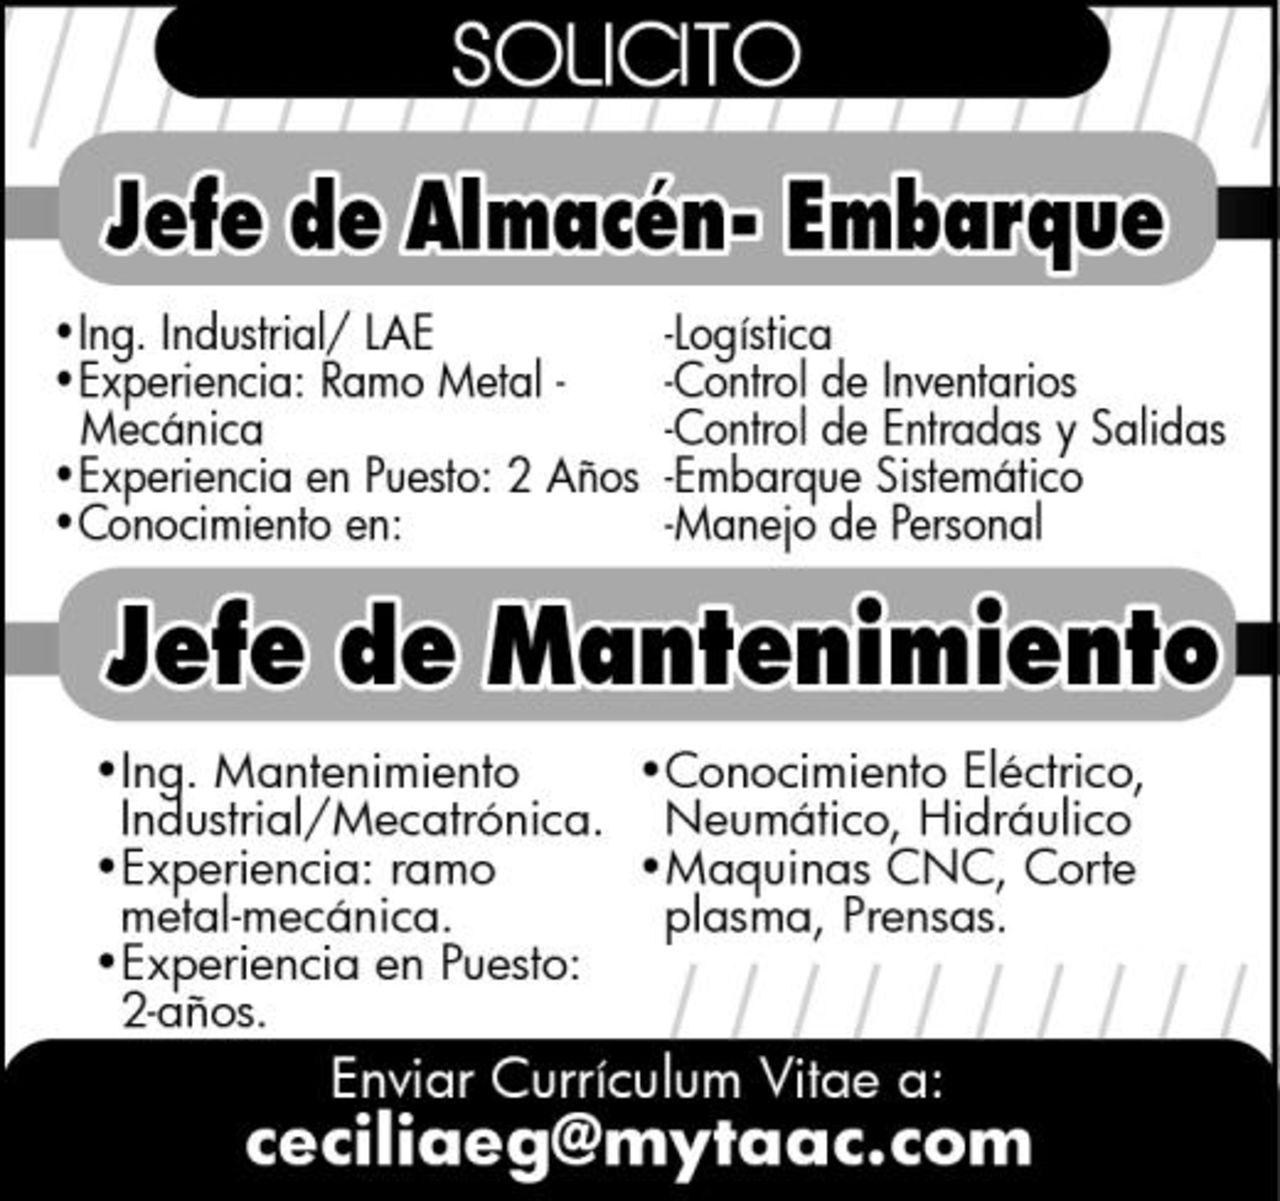 EMPLEO: JEFE DE MANTENIMIENTO/ ALMACEN EMBARQUE - Torreón ...